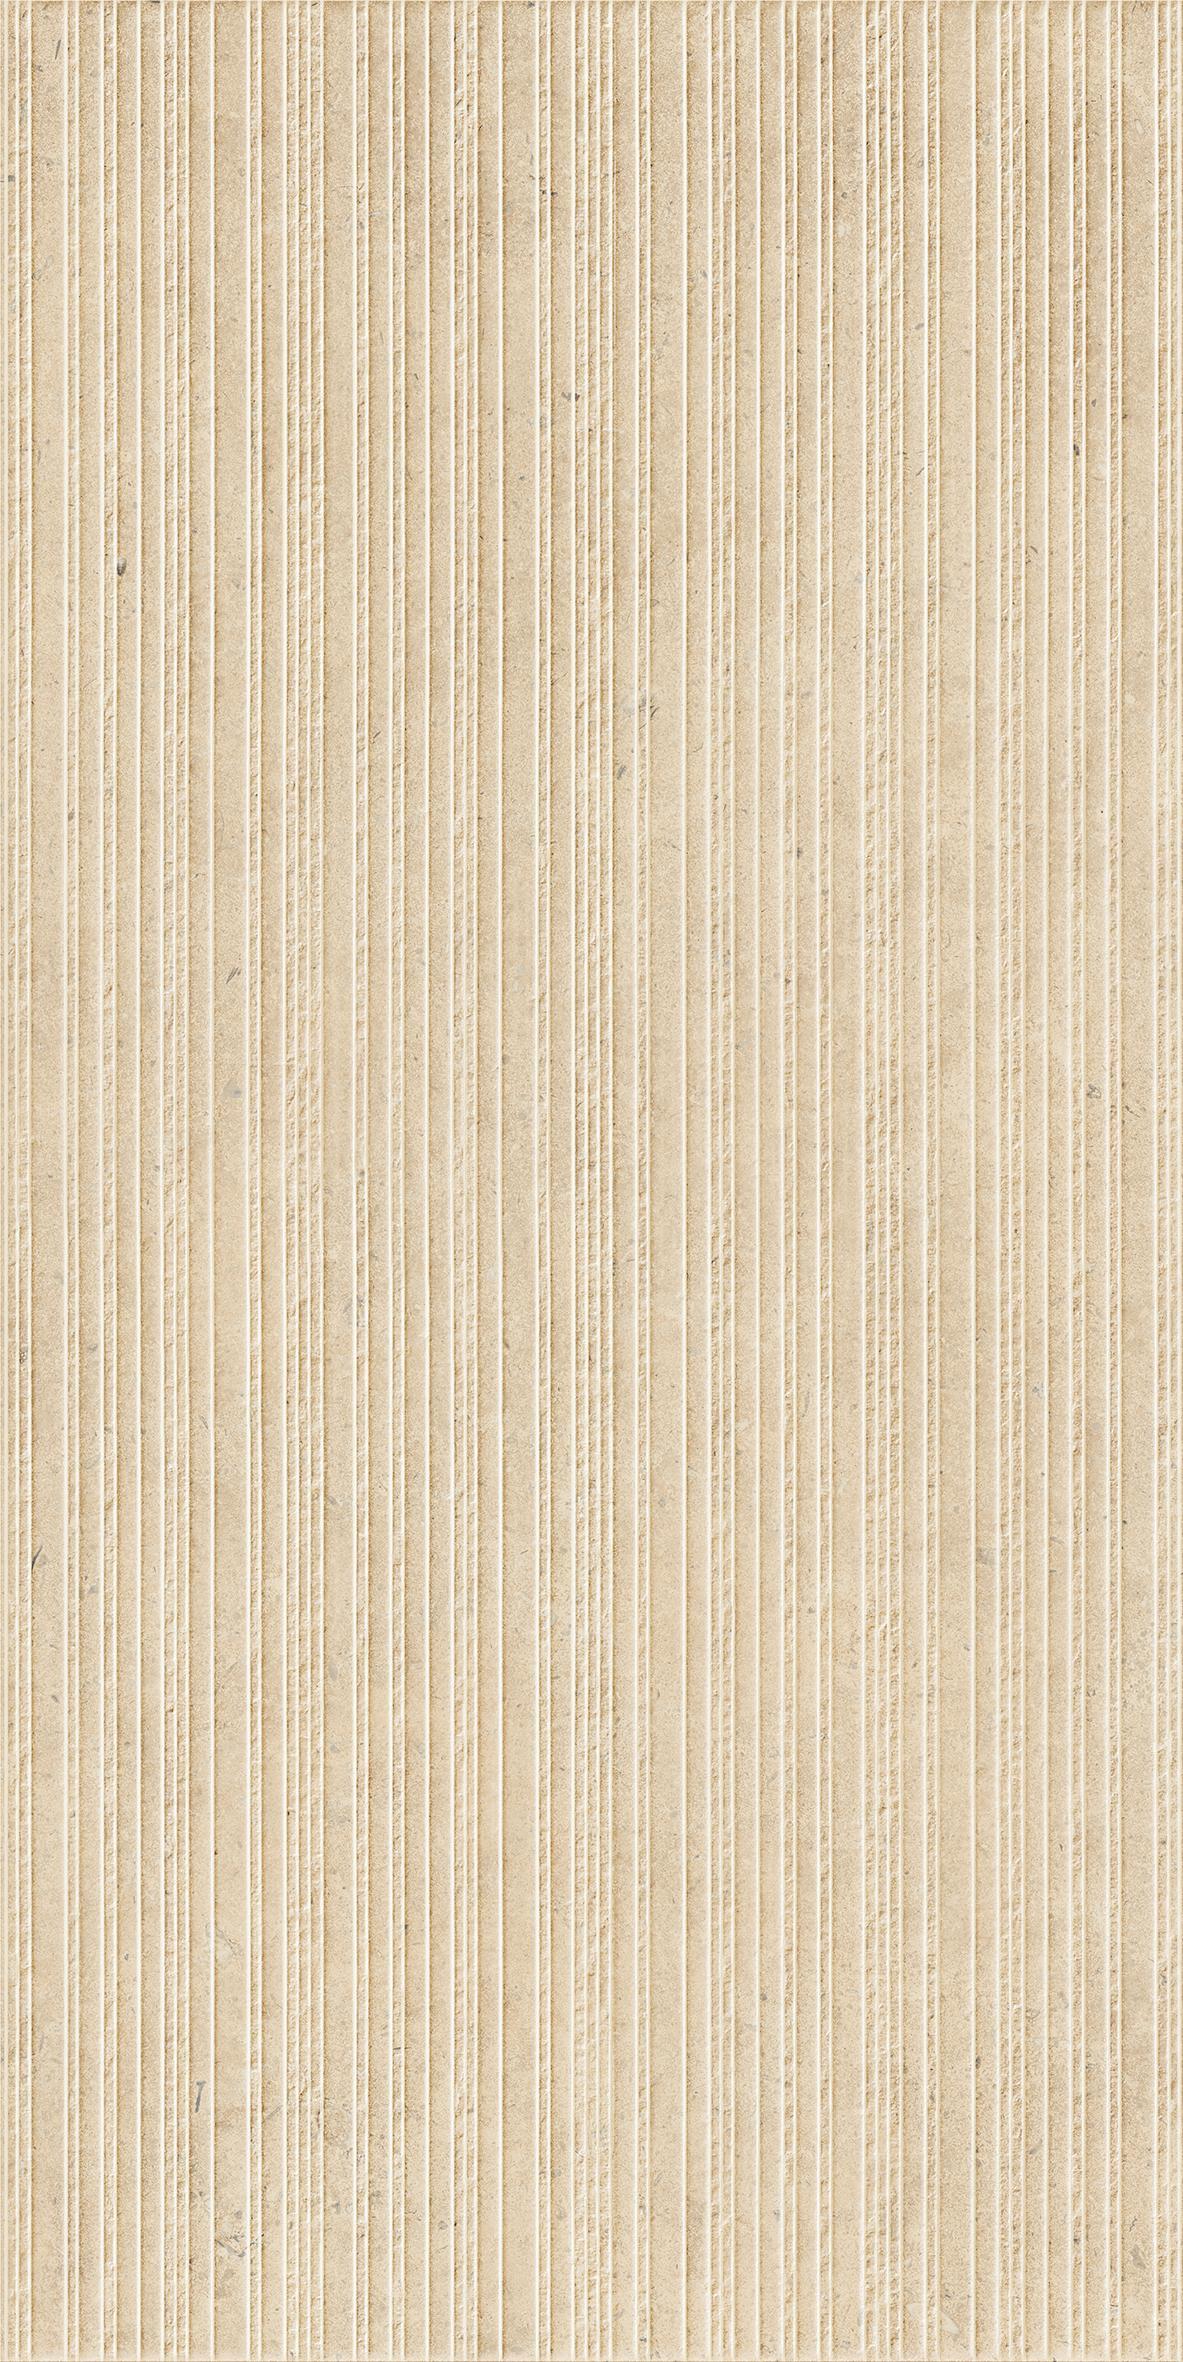 Плитка из керамогранита структурированная Italon Рум 30x60 бежевый (610010001465)